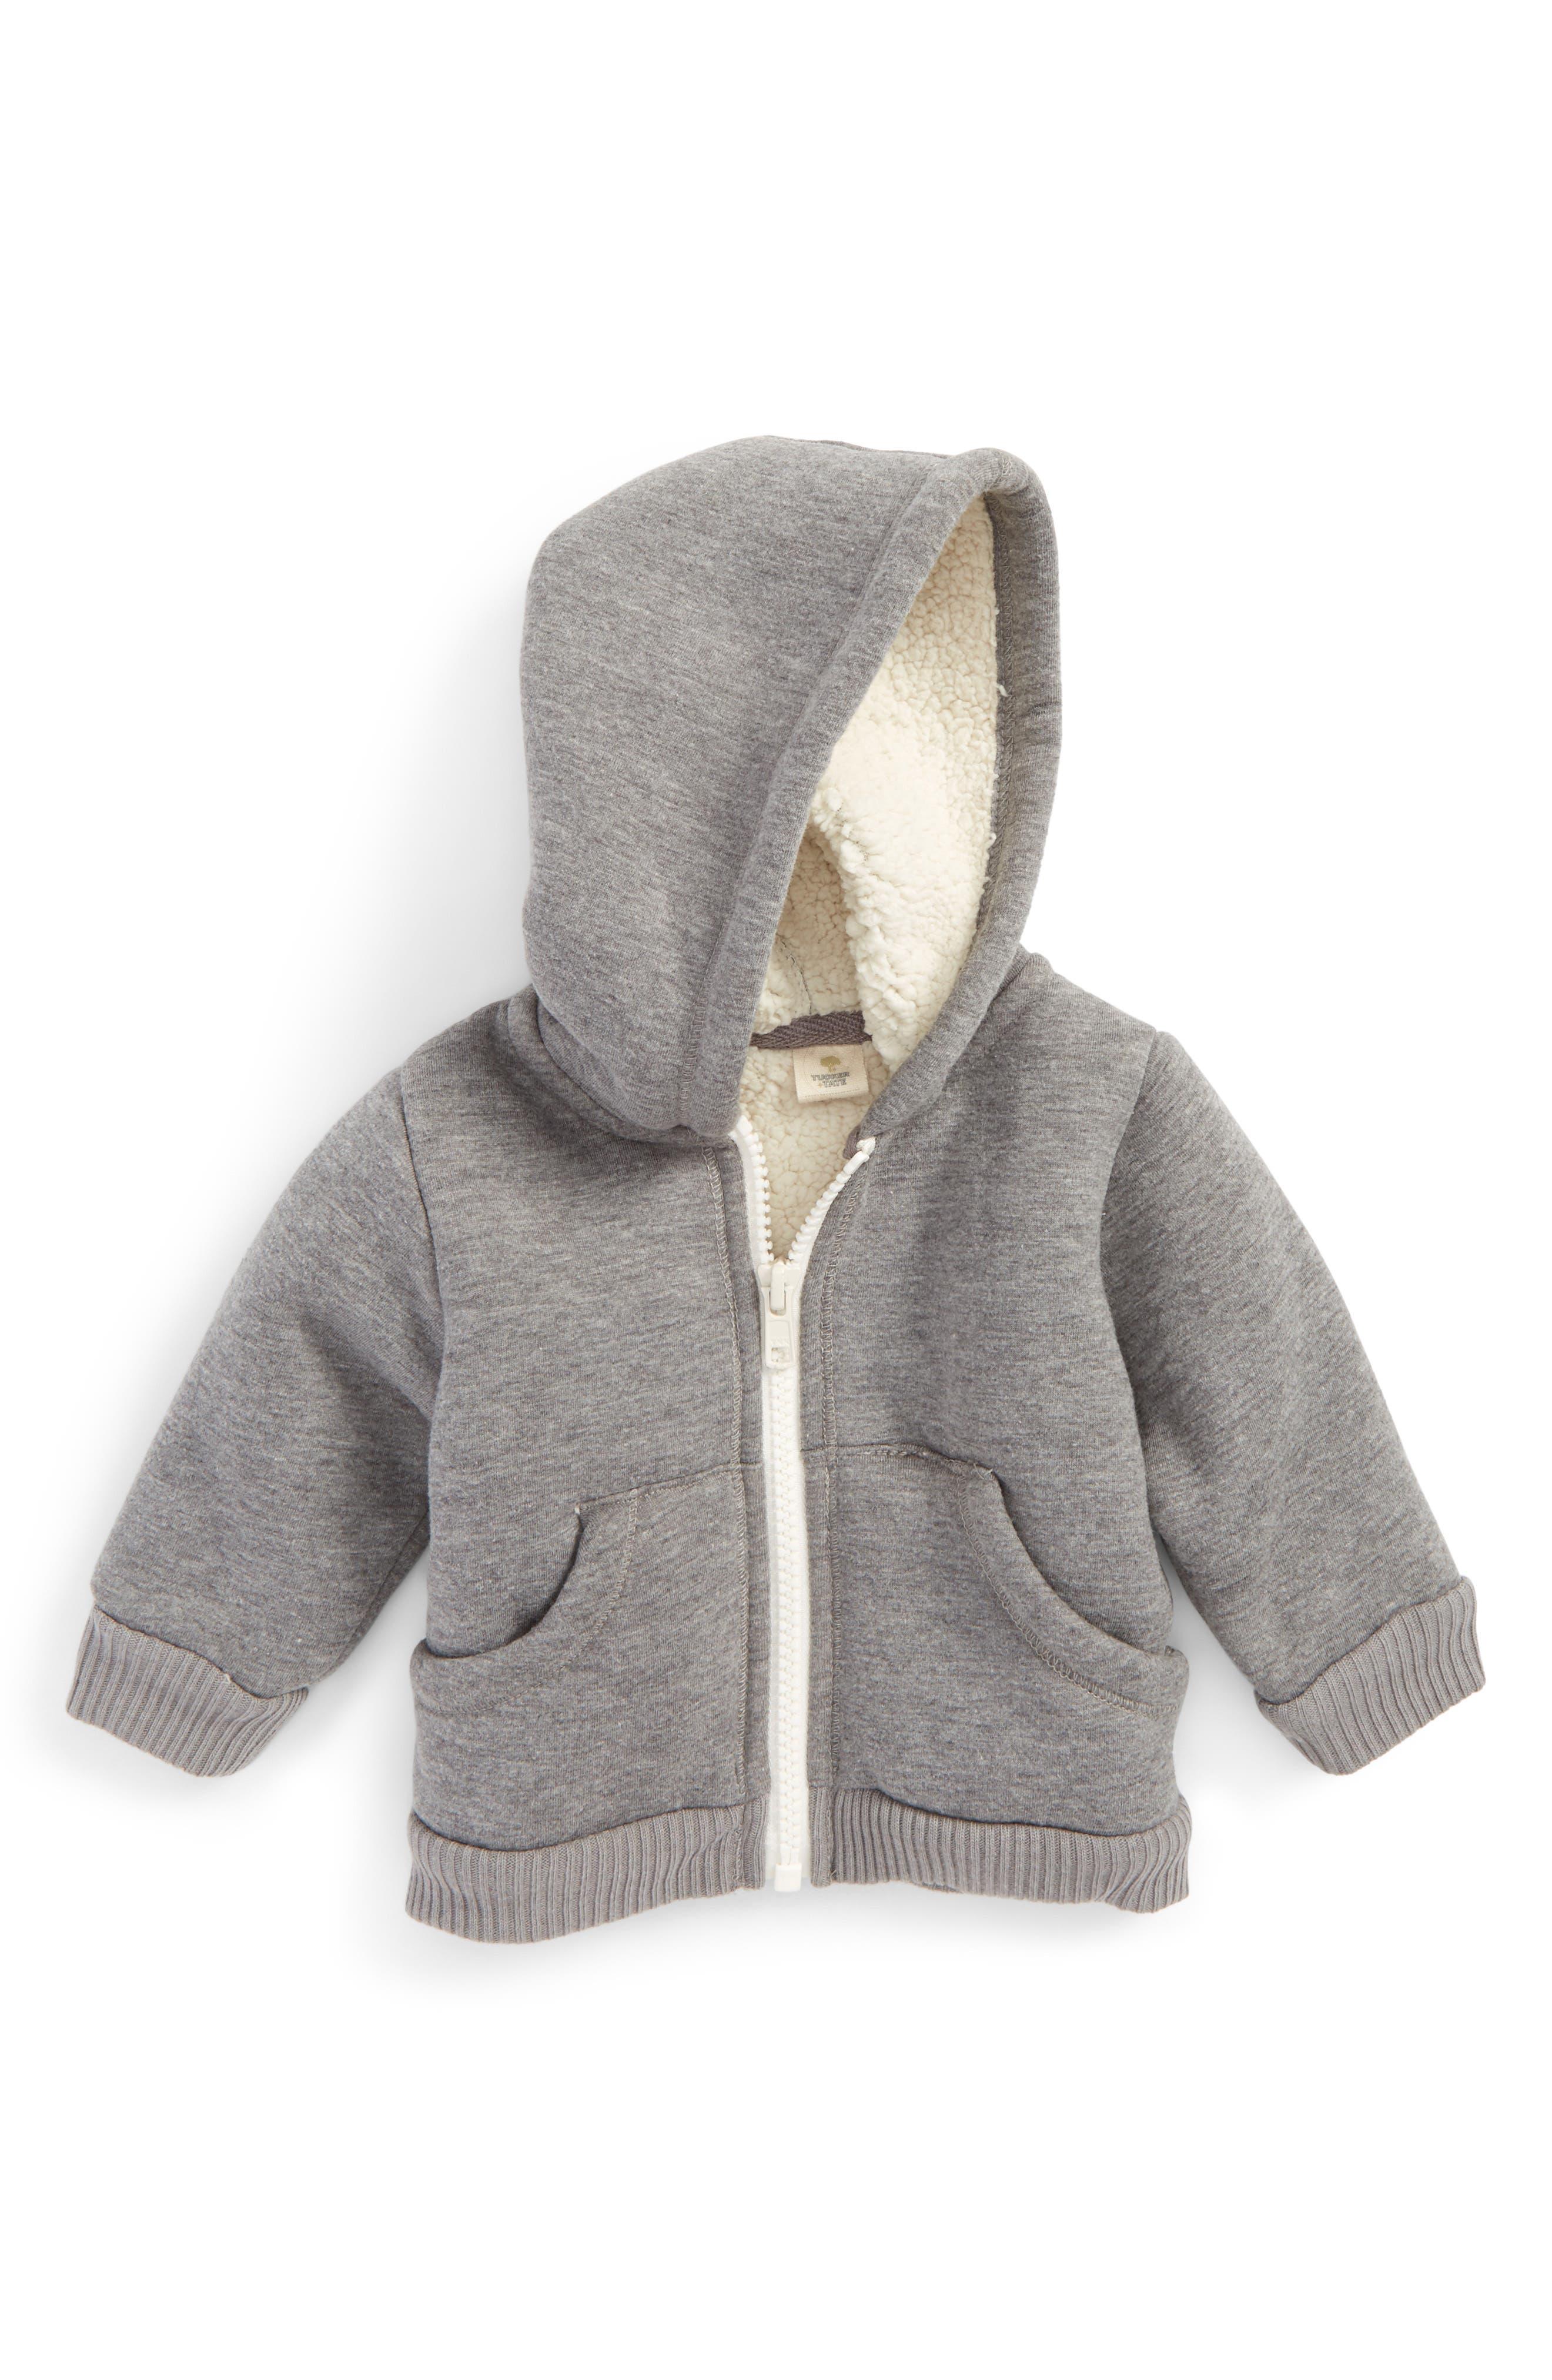 Main Image - Tucker + Tate Fuzzy Lined Jacket (Baby)